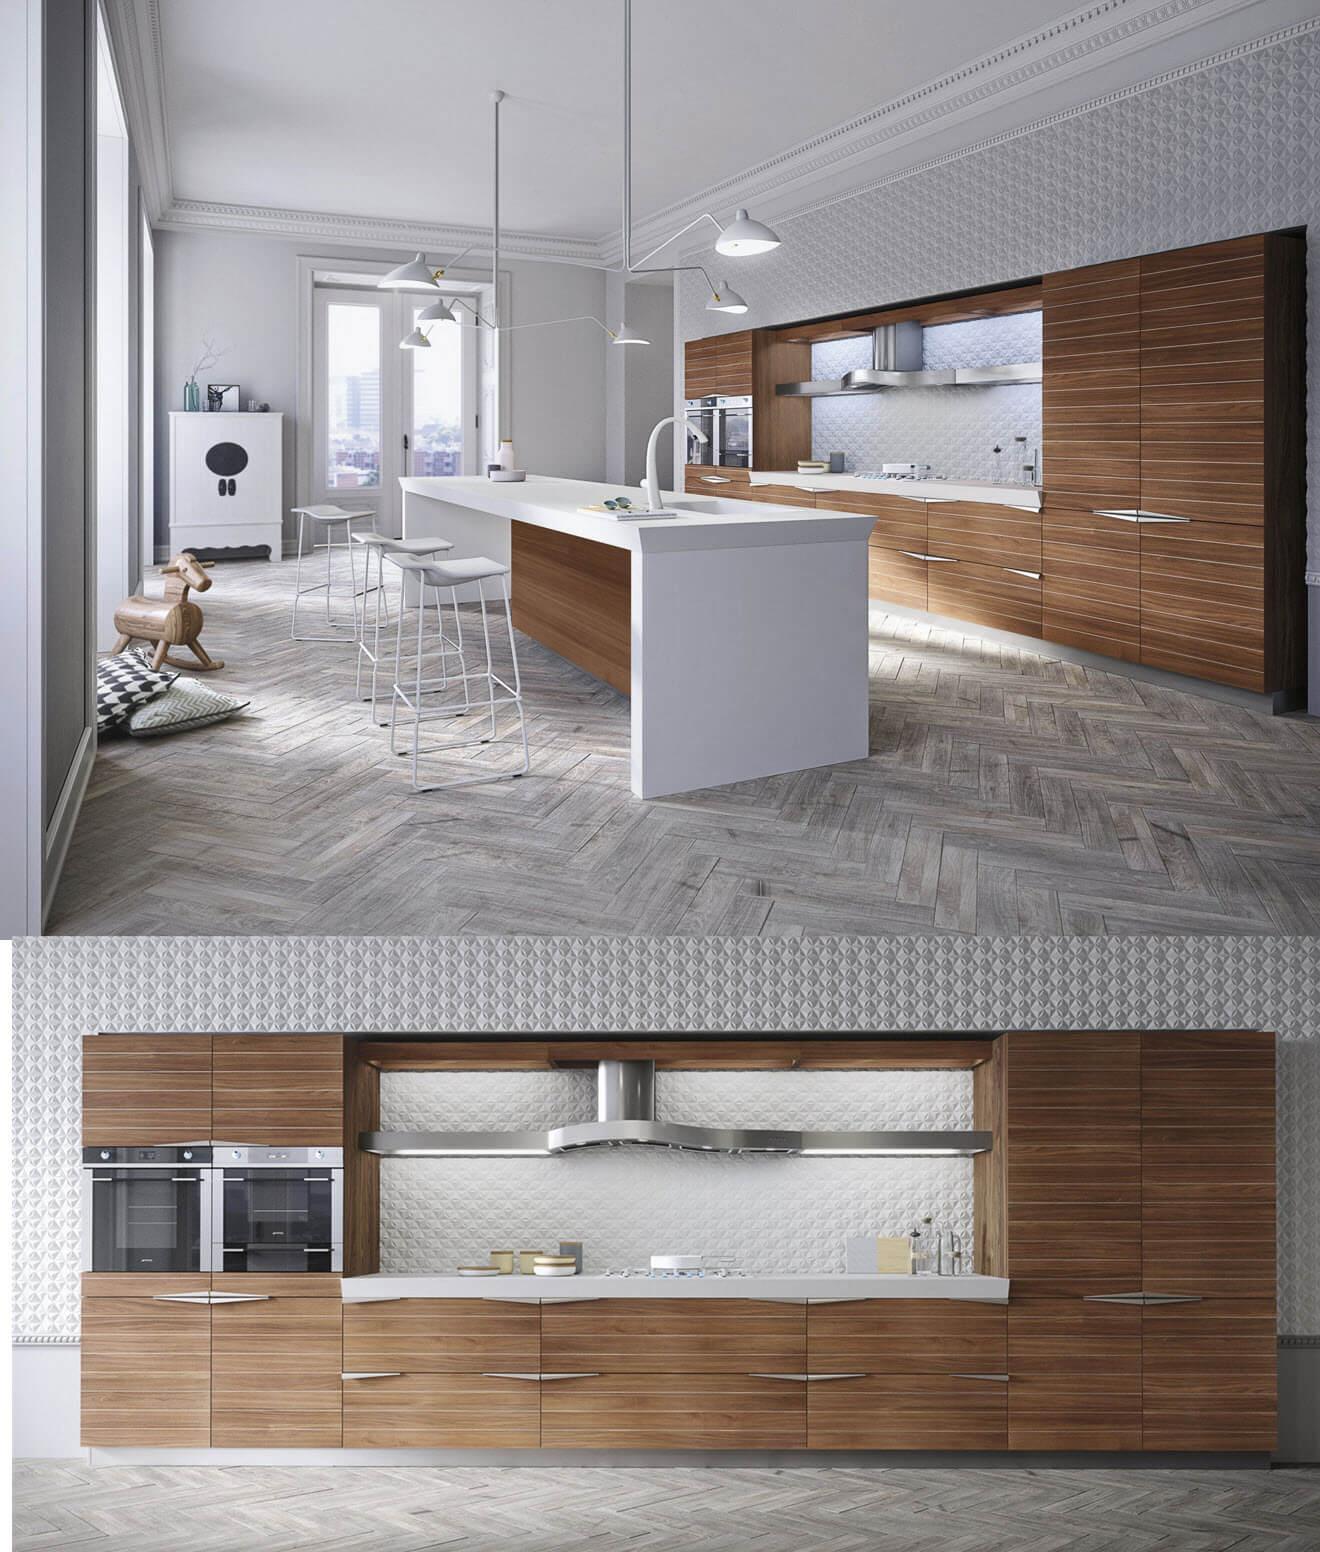 Modern kitchen furniture idea